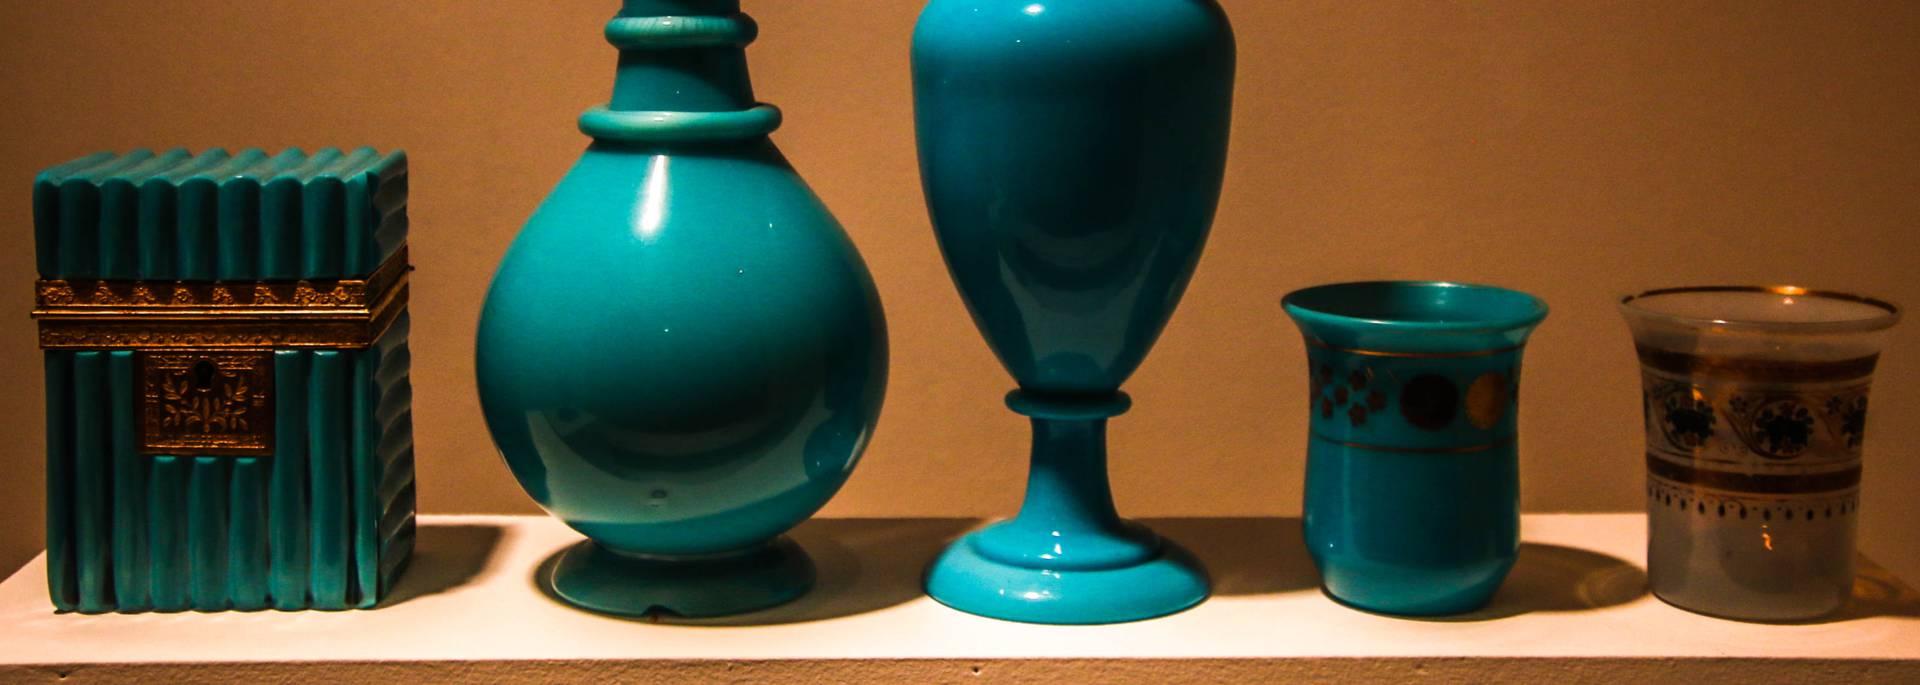 Exemples d'opalines au Musée de l'homme et de l'industrie, Le Creusot. © Lesley Williamson.